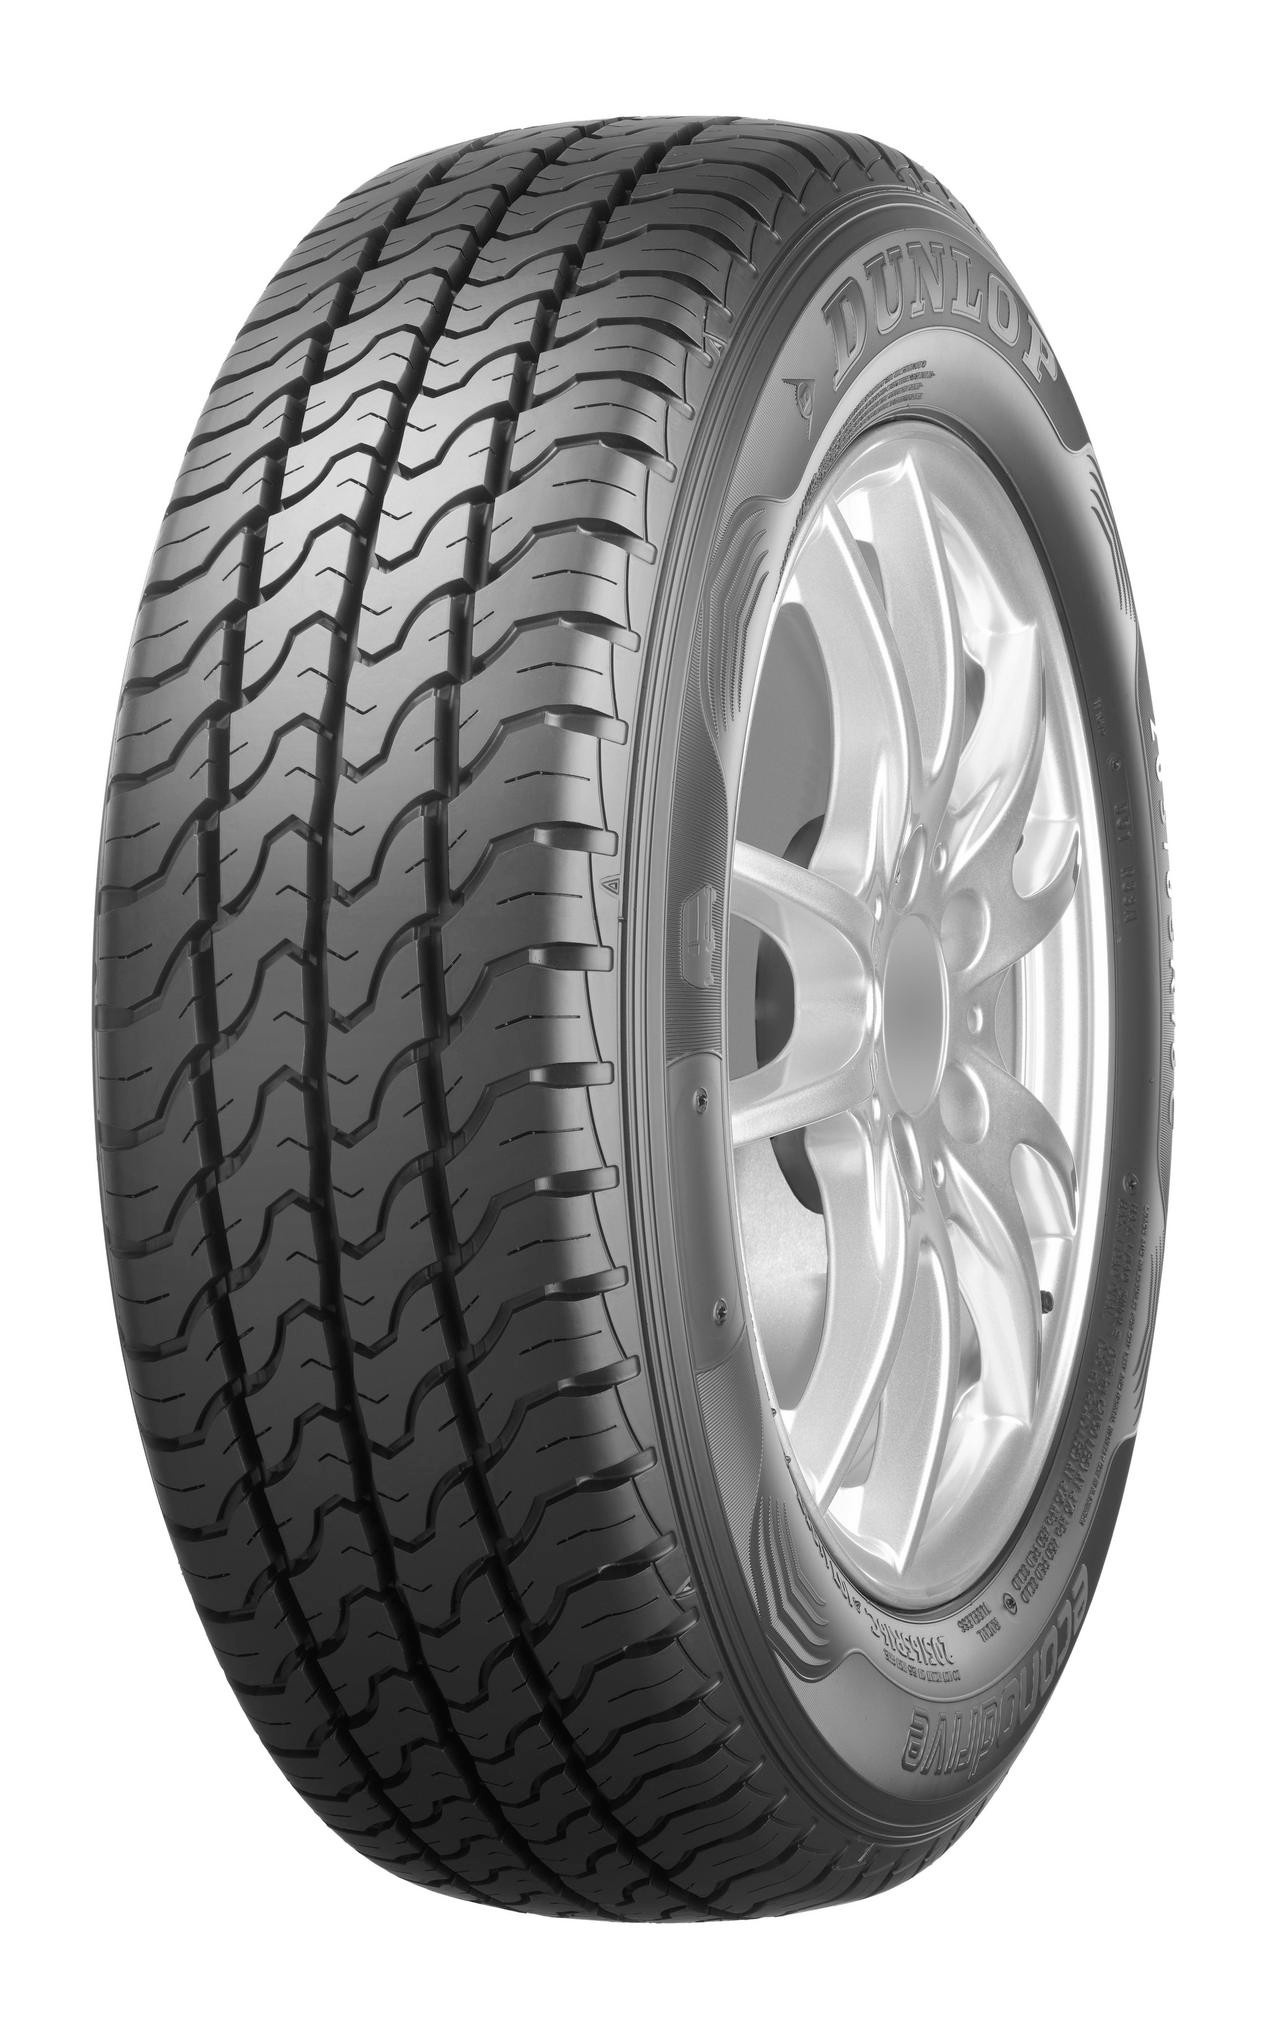 Dunlop Econodrive 215/60R16C 103/101T